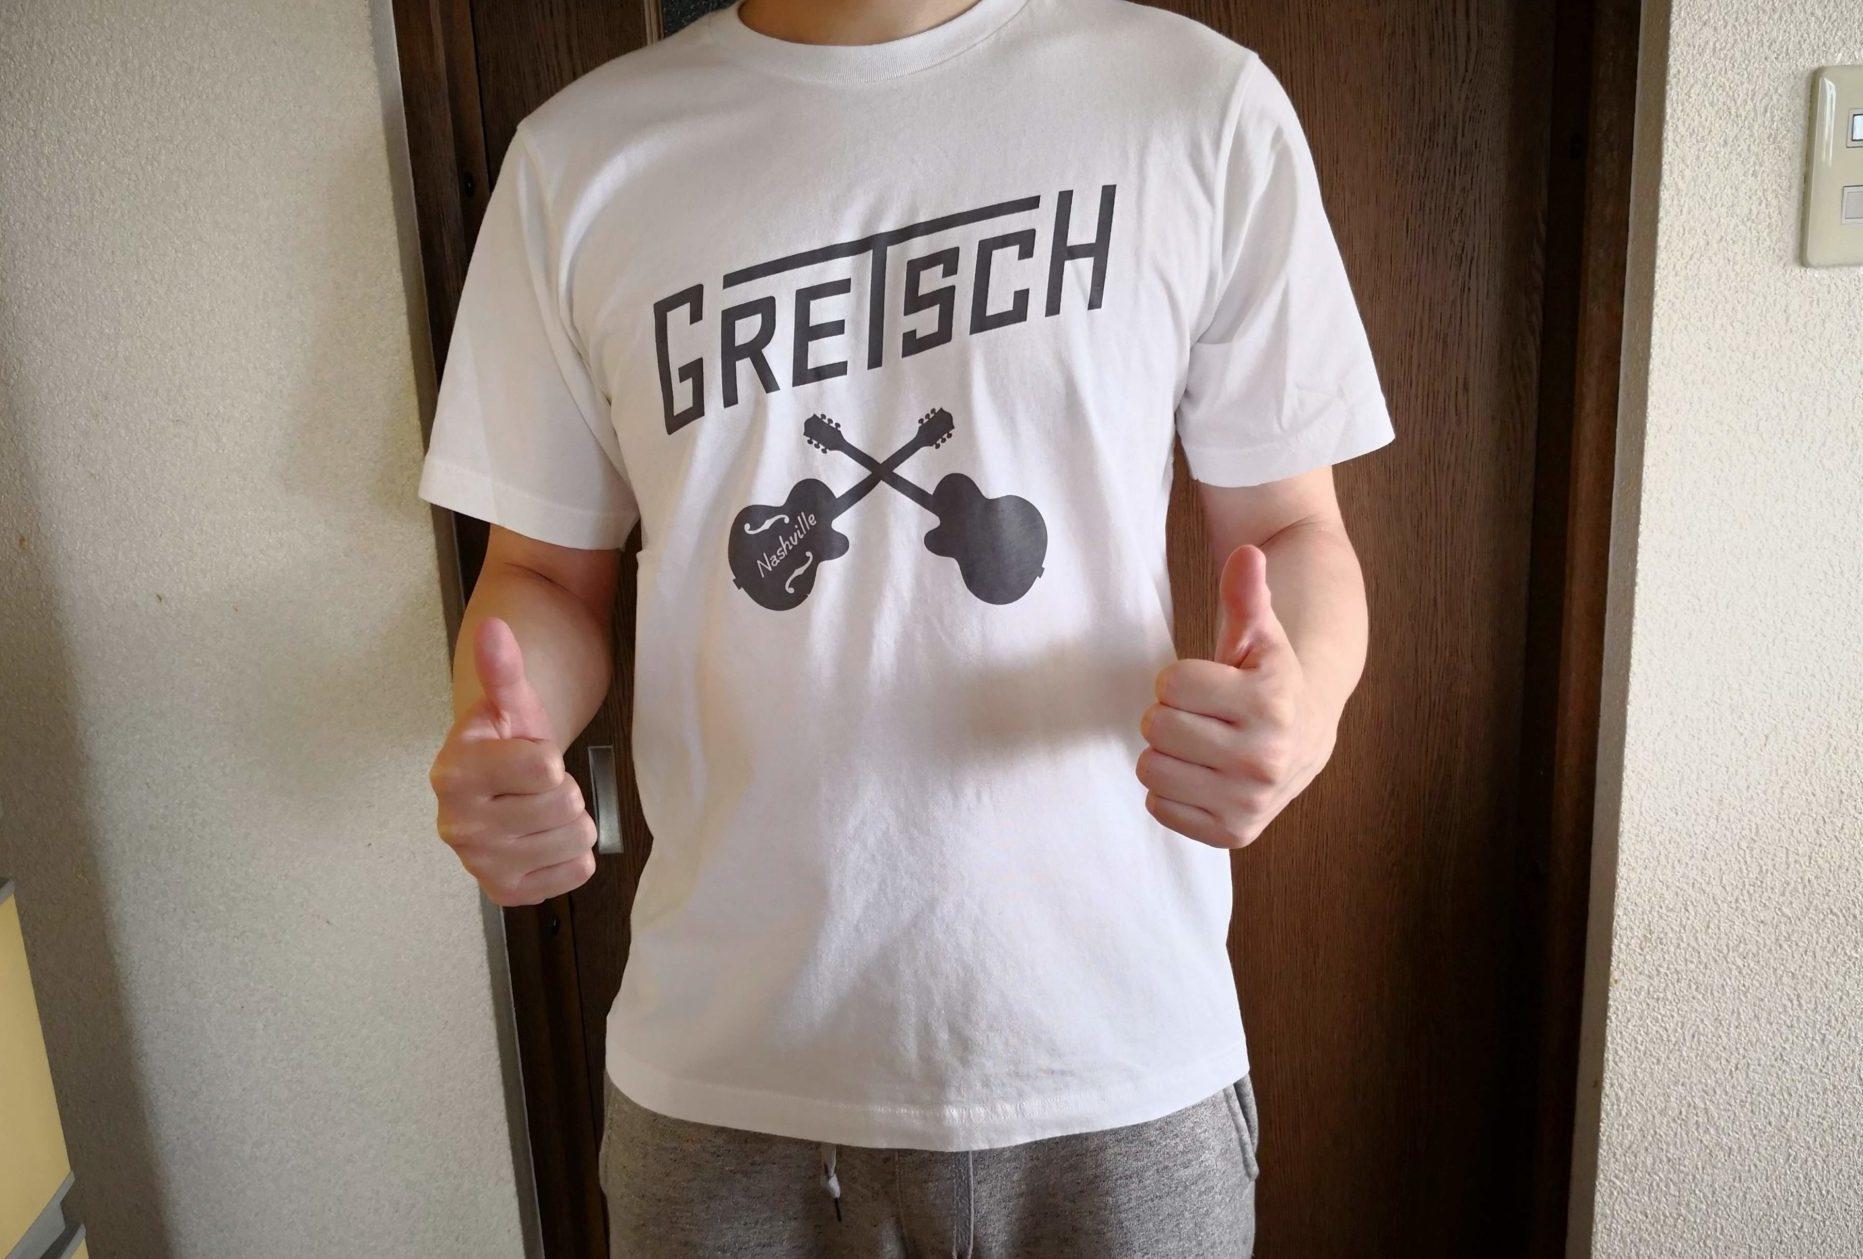 ギターのイラストTシャツはユニクロのUT(グラフィックTシャツ)でよく見かけるので要チェック